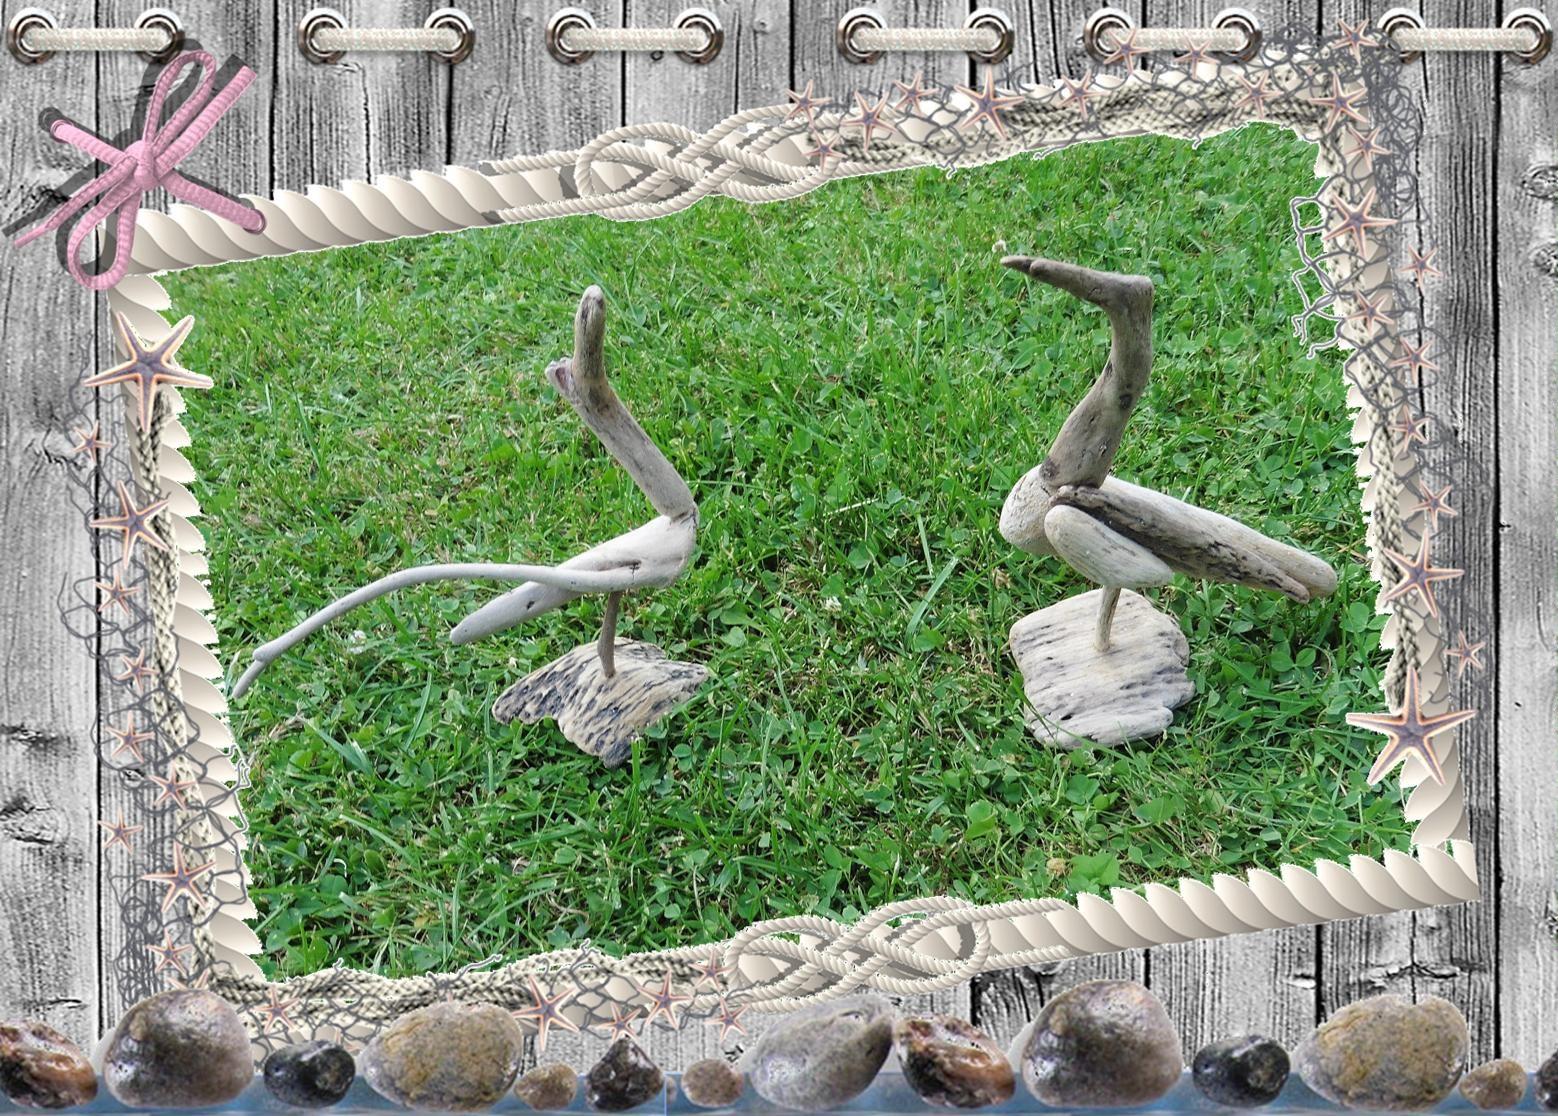 Les mains dans la t te les oiseaux en bois flott d 39 anne for Oiseau en bois flotte